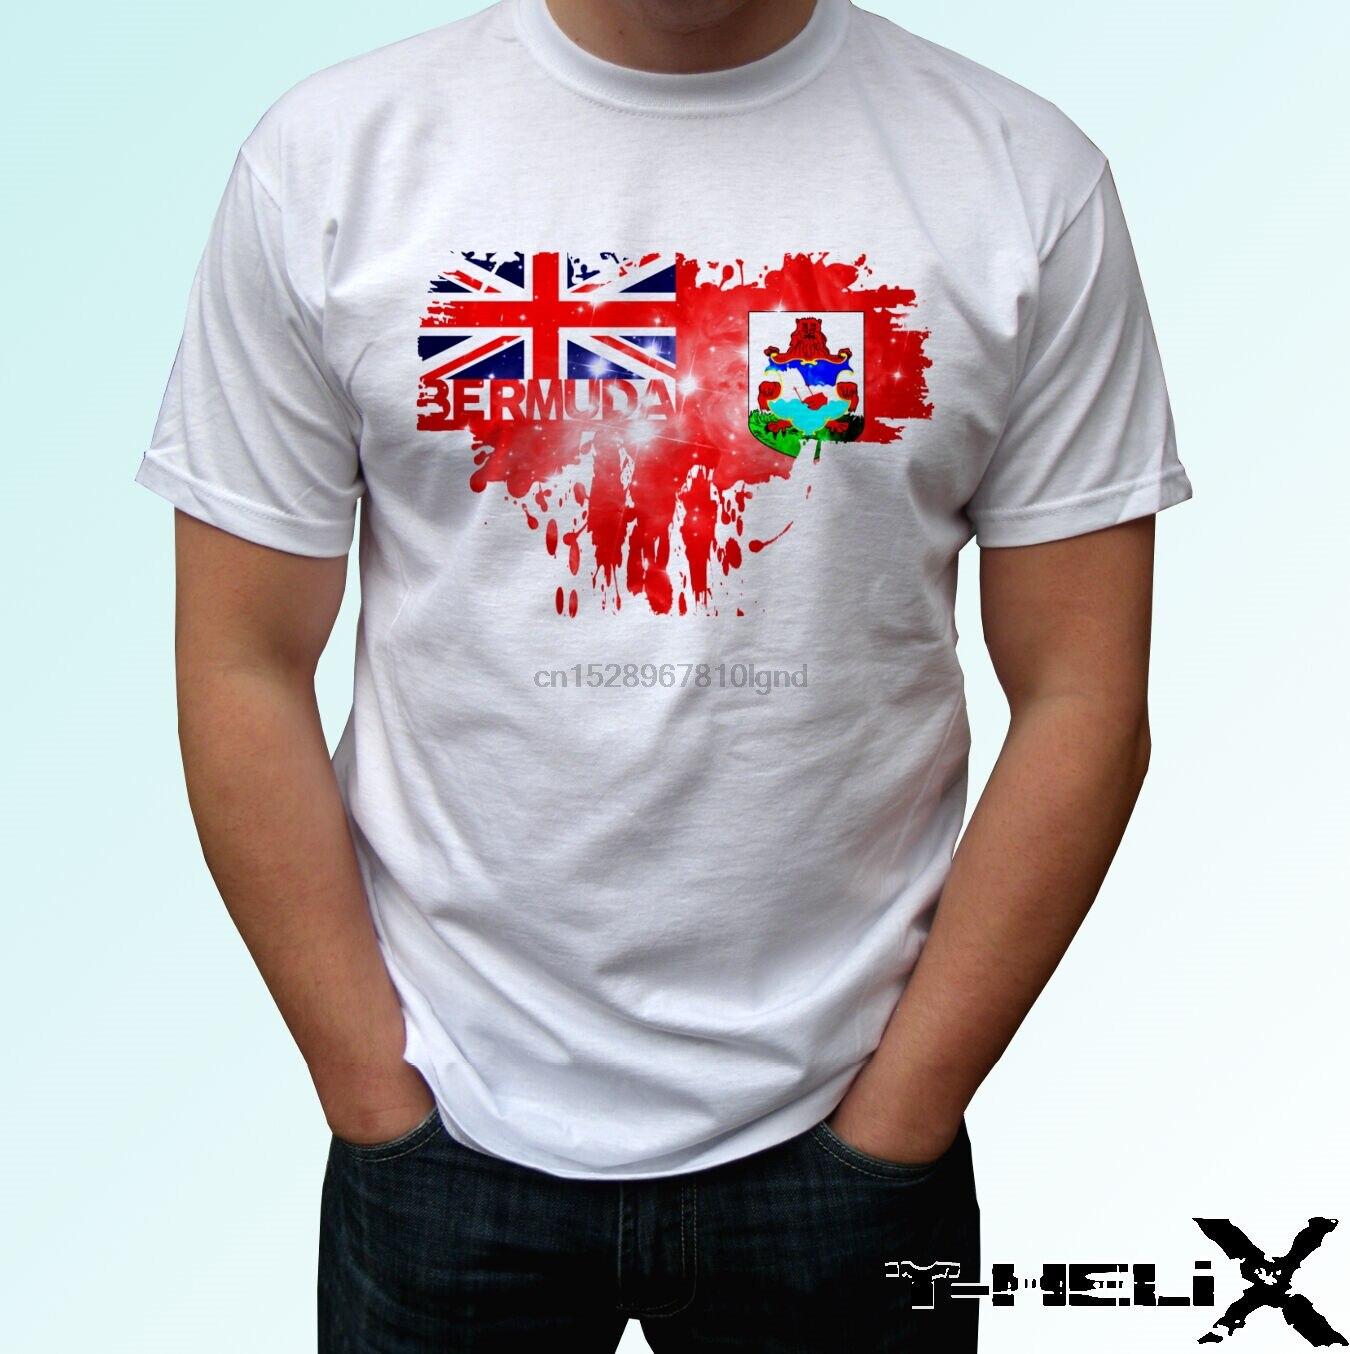 Bandera de Bermudas, camiseta blanca, diseño de camiseta, tallas de bebé para hombres y mujeres